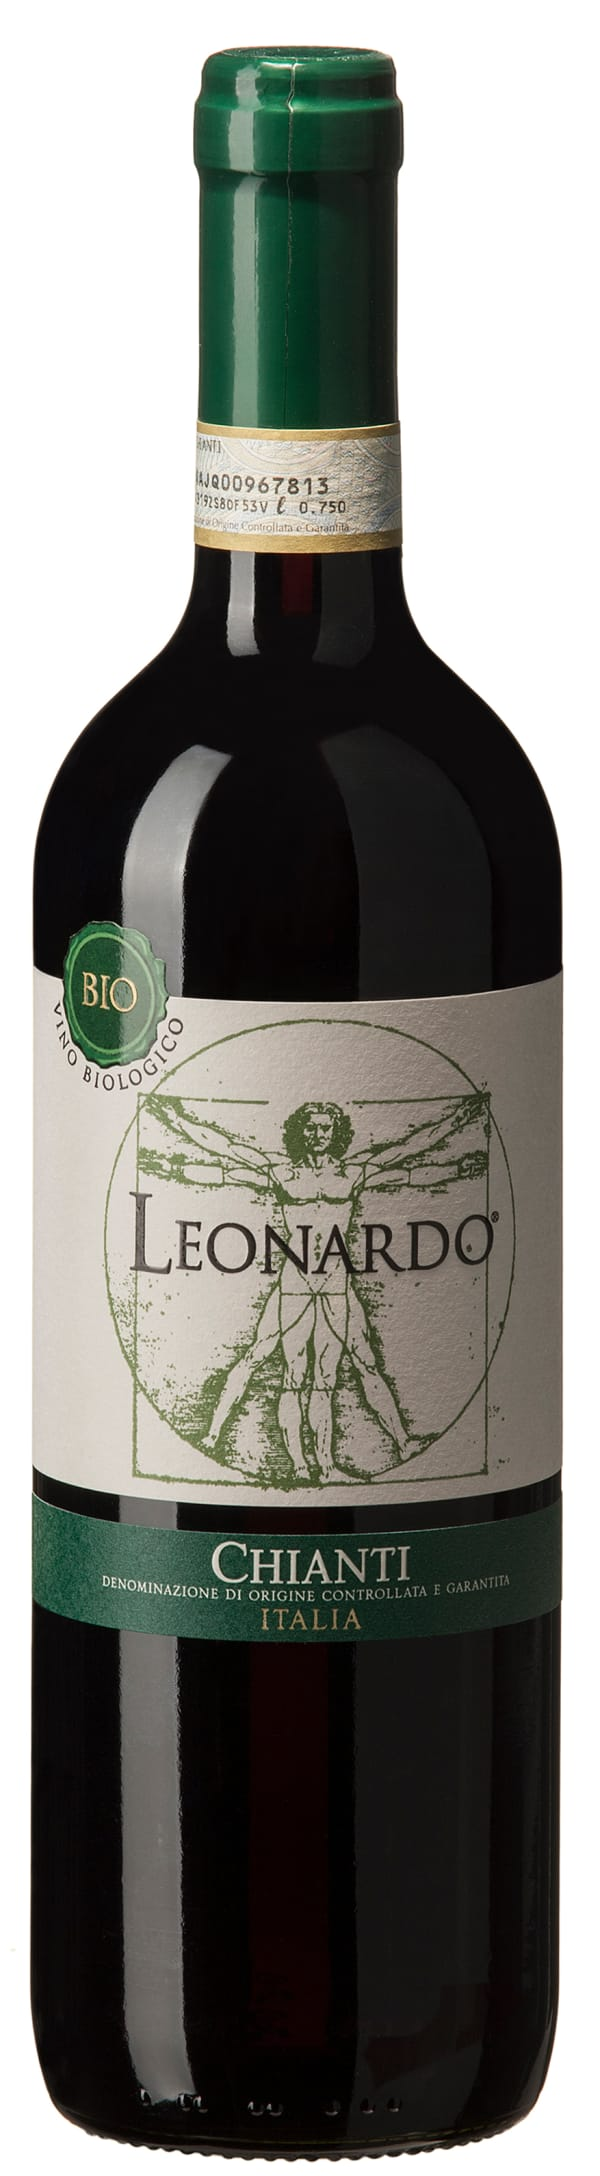 Leonardo Chianti Bio 2015